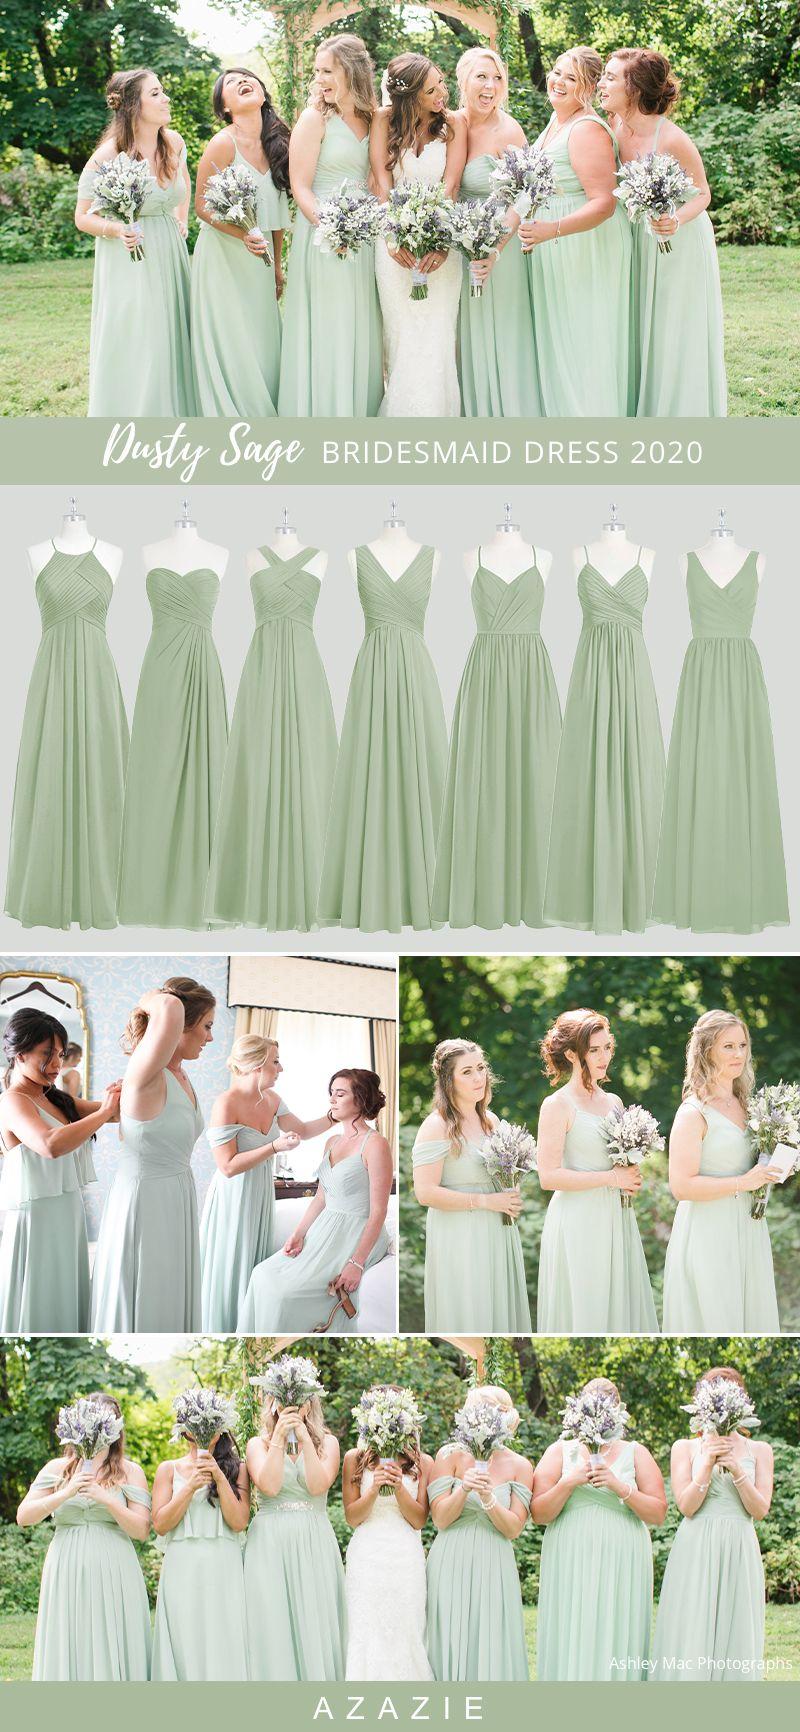 2020 Wedding Color Ideas Dusty Sage Bridesmaid Dresses In 2020 Bridesmaid Dresses Dusty Sage Sage Bridesmaid Dresses Bridesmaid Dress Color Schemes